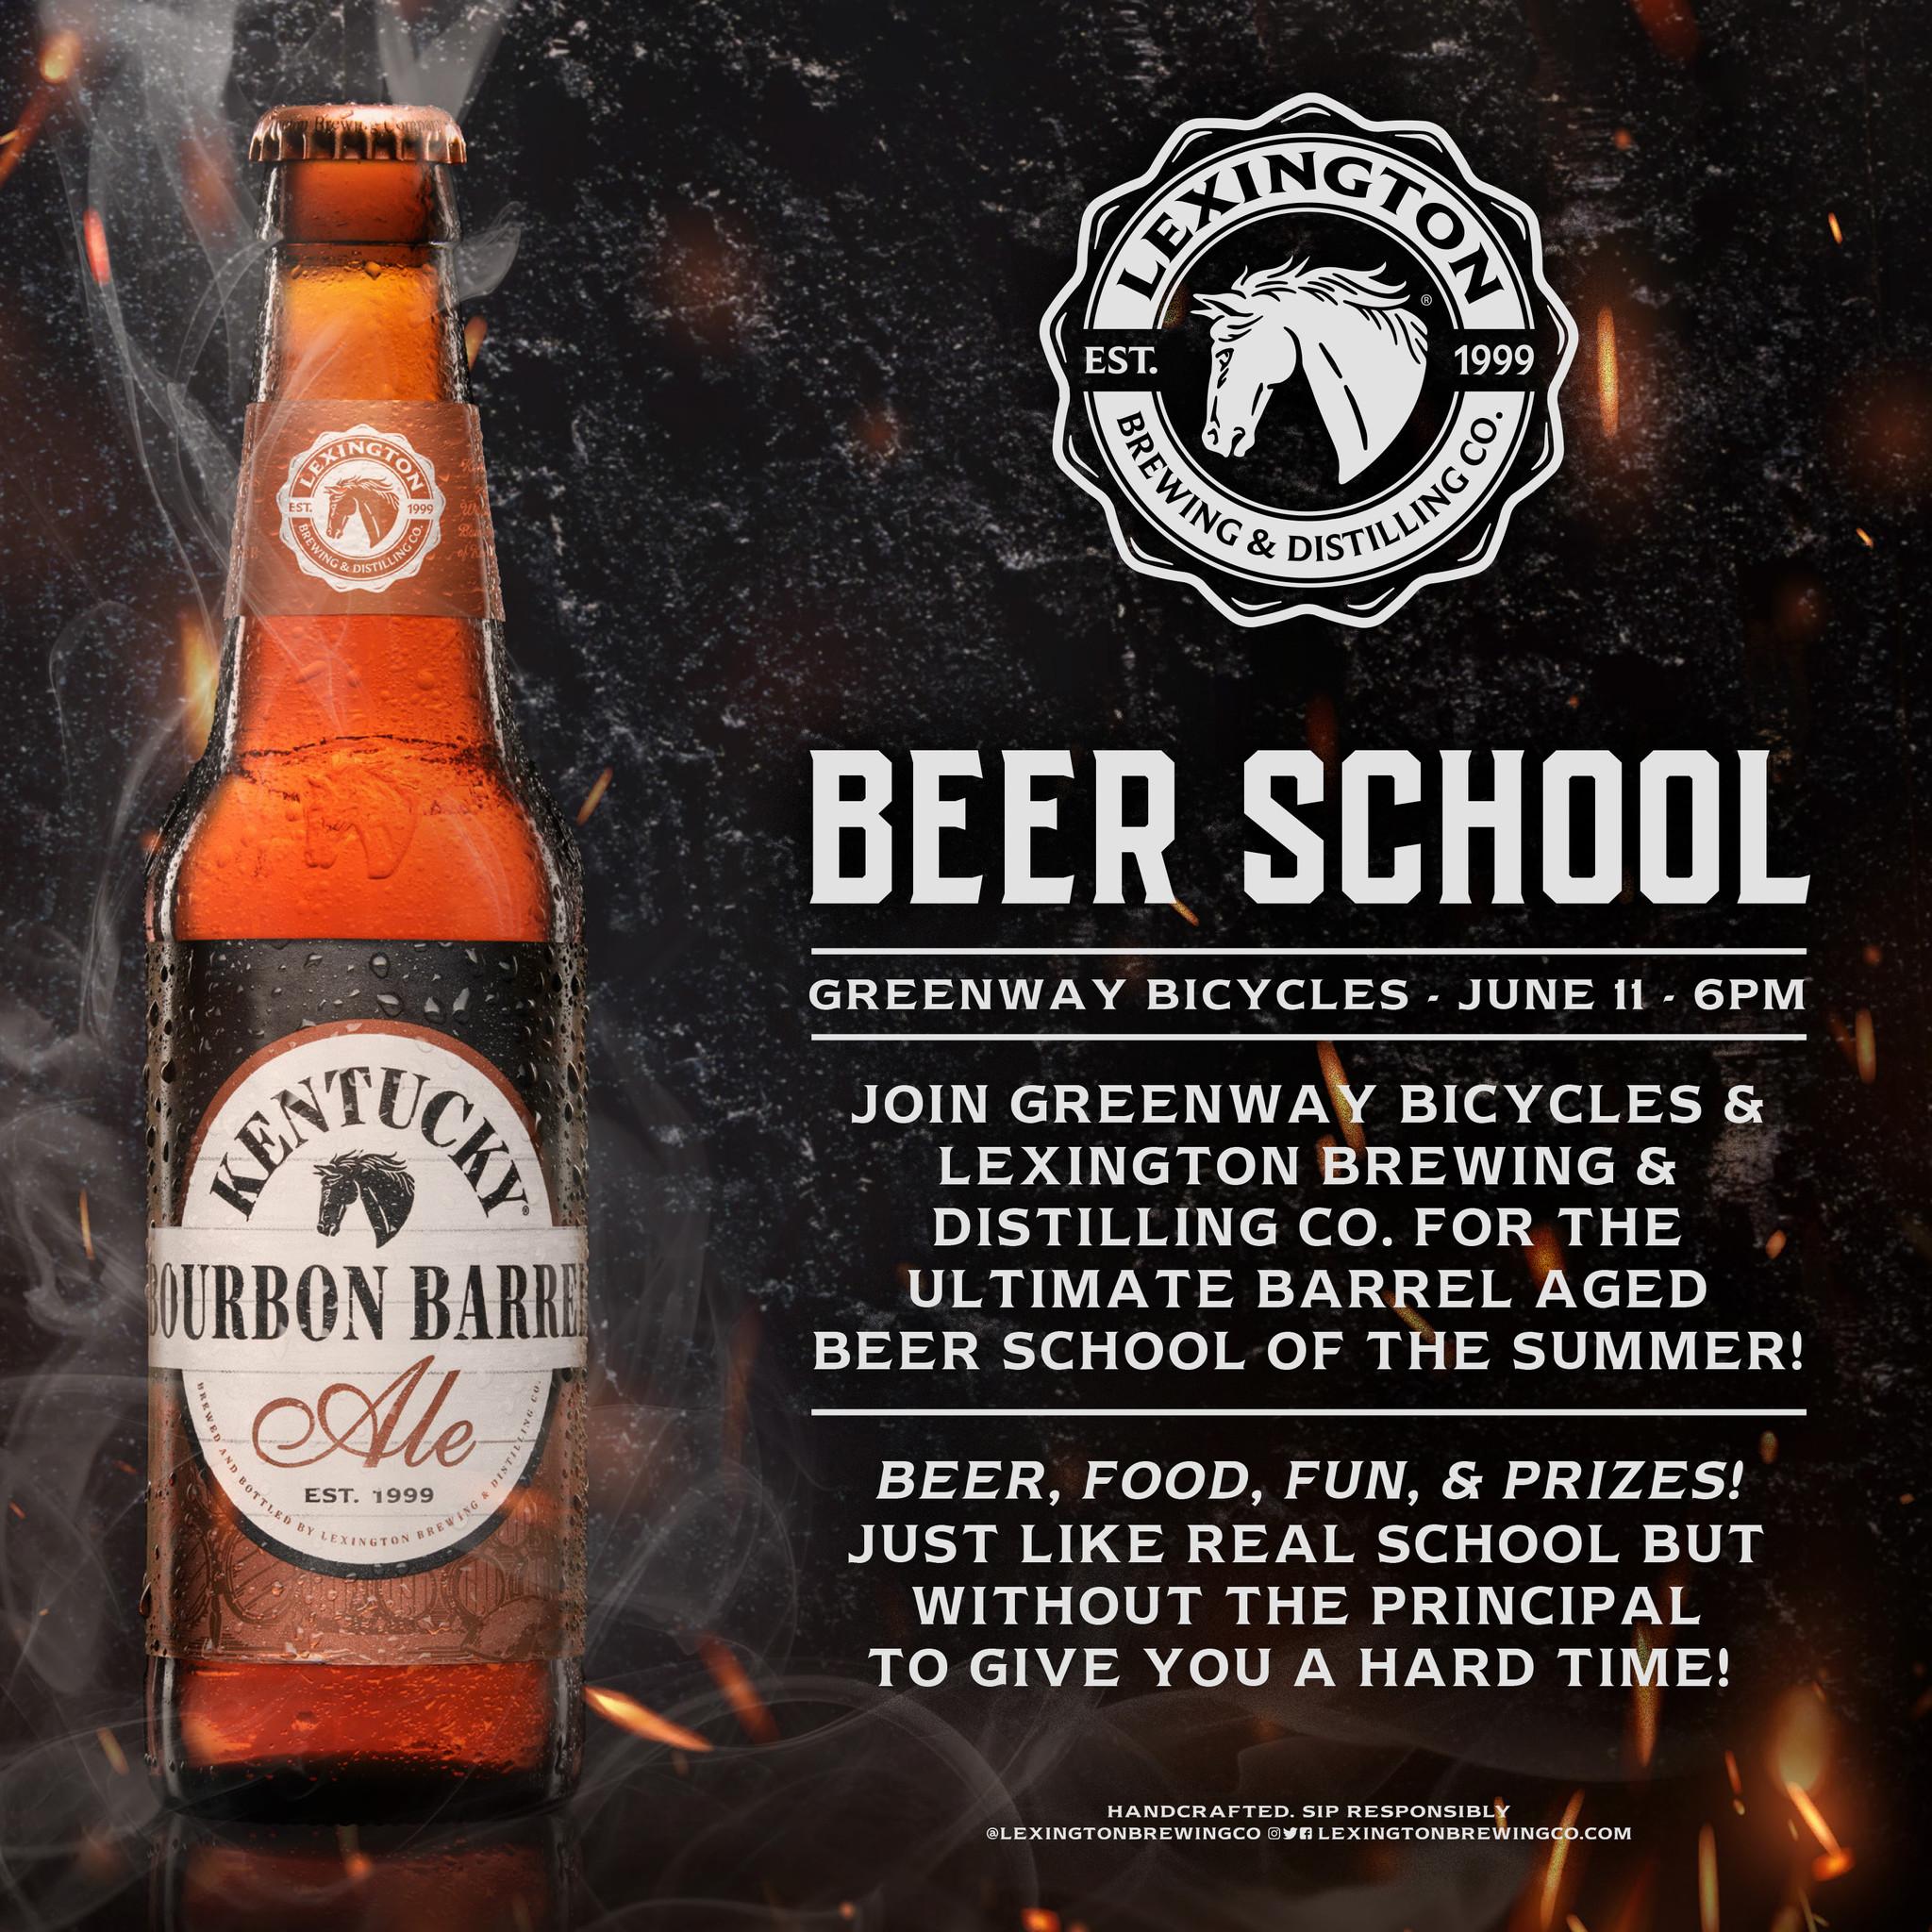 Beer school is back!